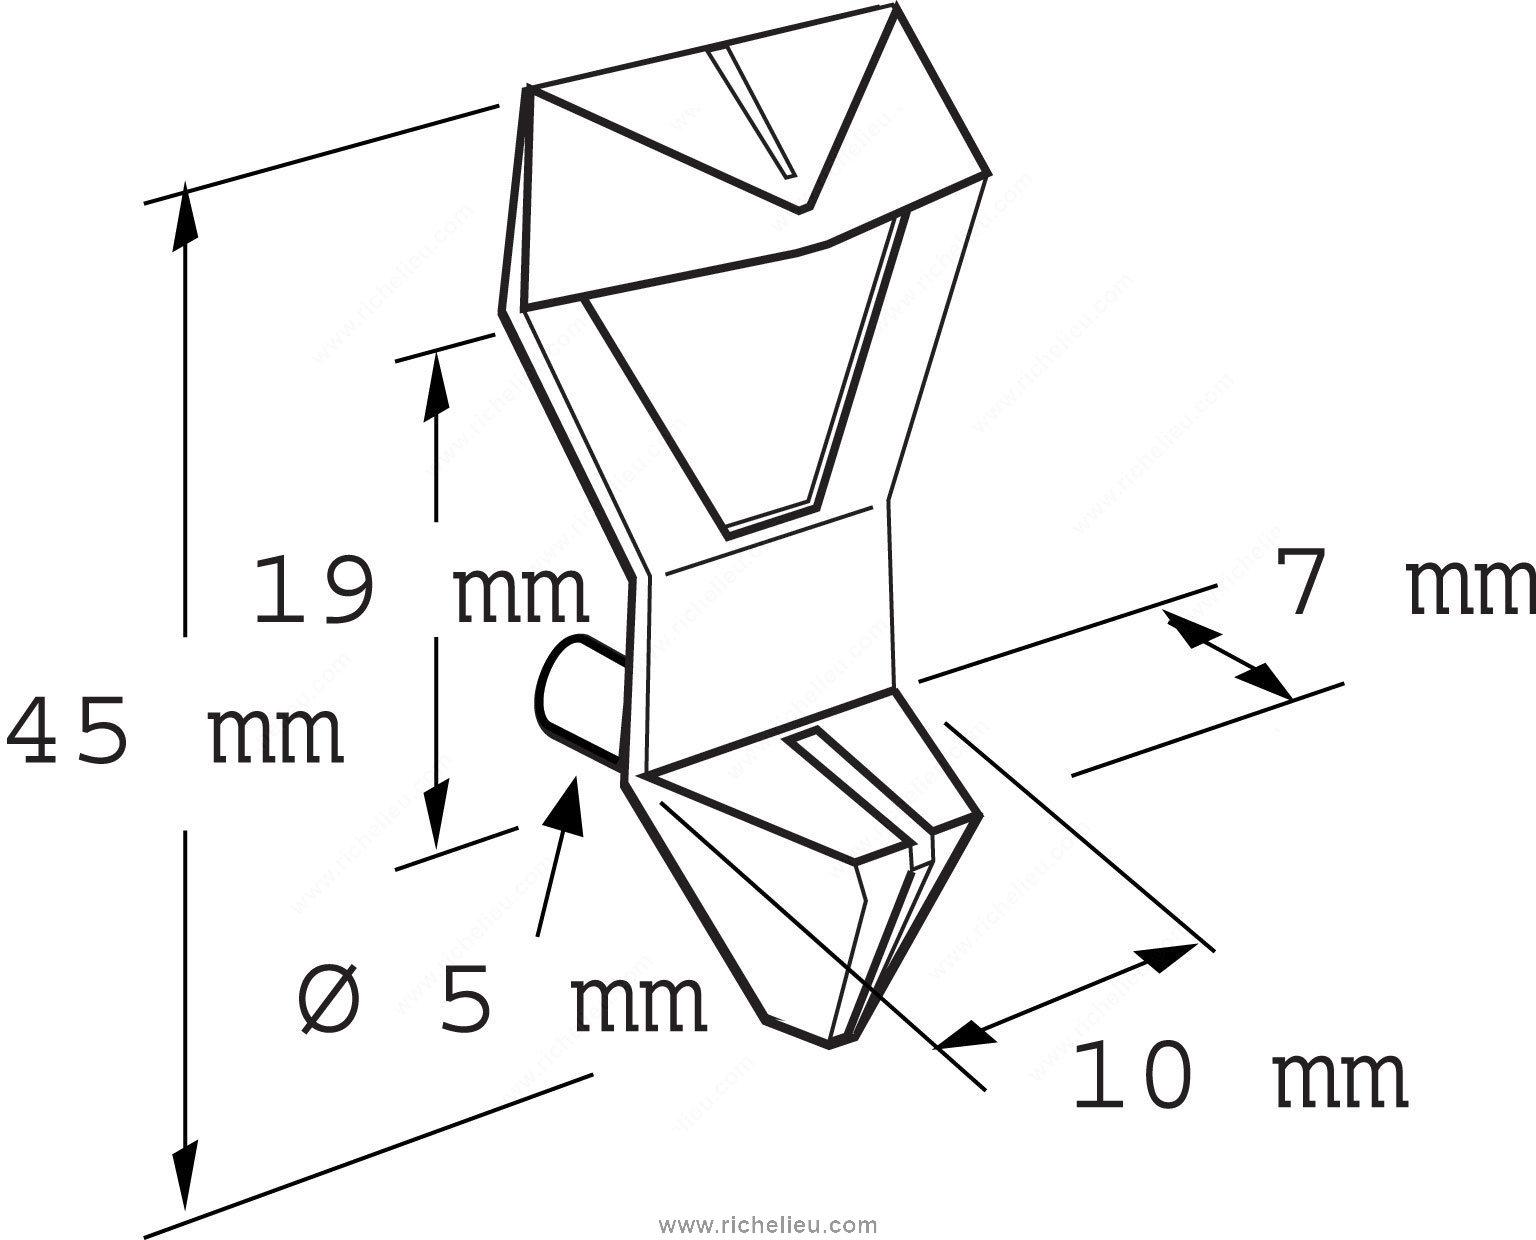 Locking Plastic Shelf Pin